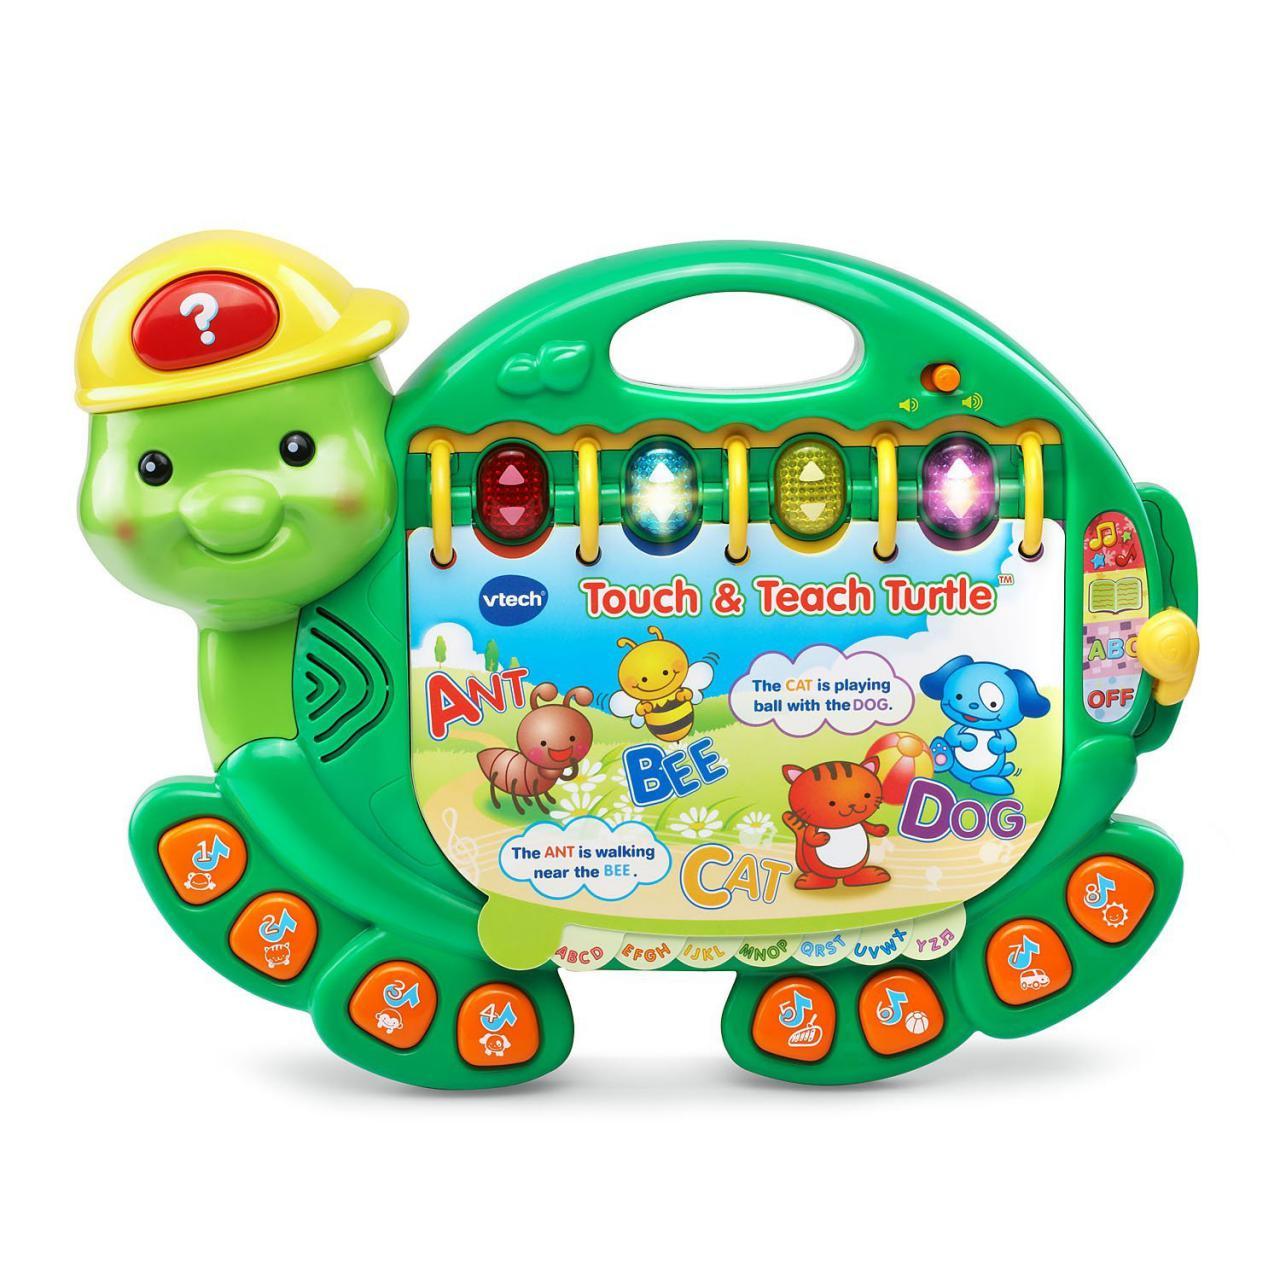 Amazon Toys 10 คีย์สินค้า ปี 2016 ข้อมูลสินค้าดี มีชัยในการขายไปกว่าครึ่ง? ไม่คลิกดูไม่ได้แล้ว :)